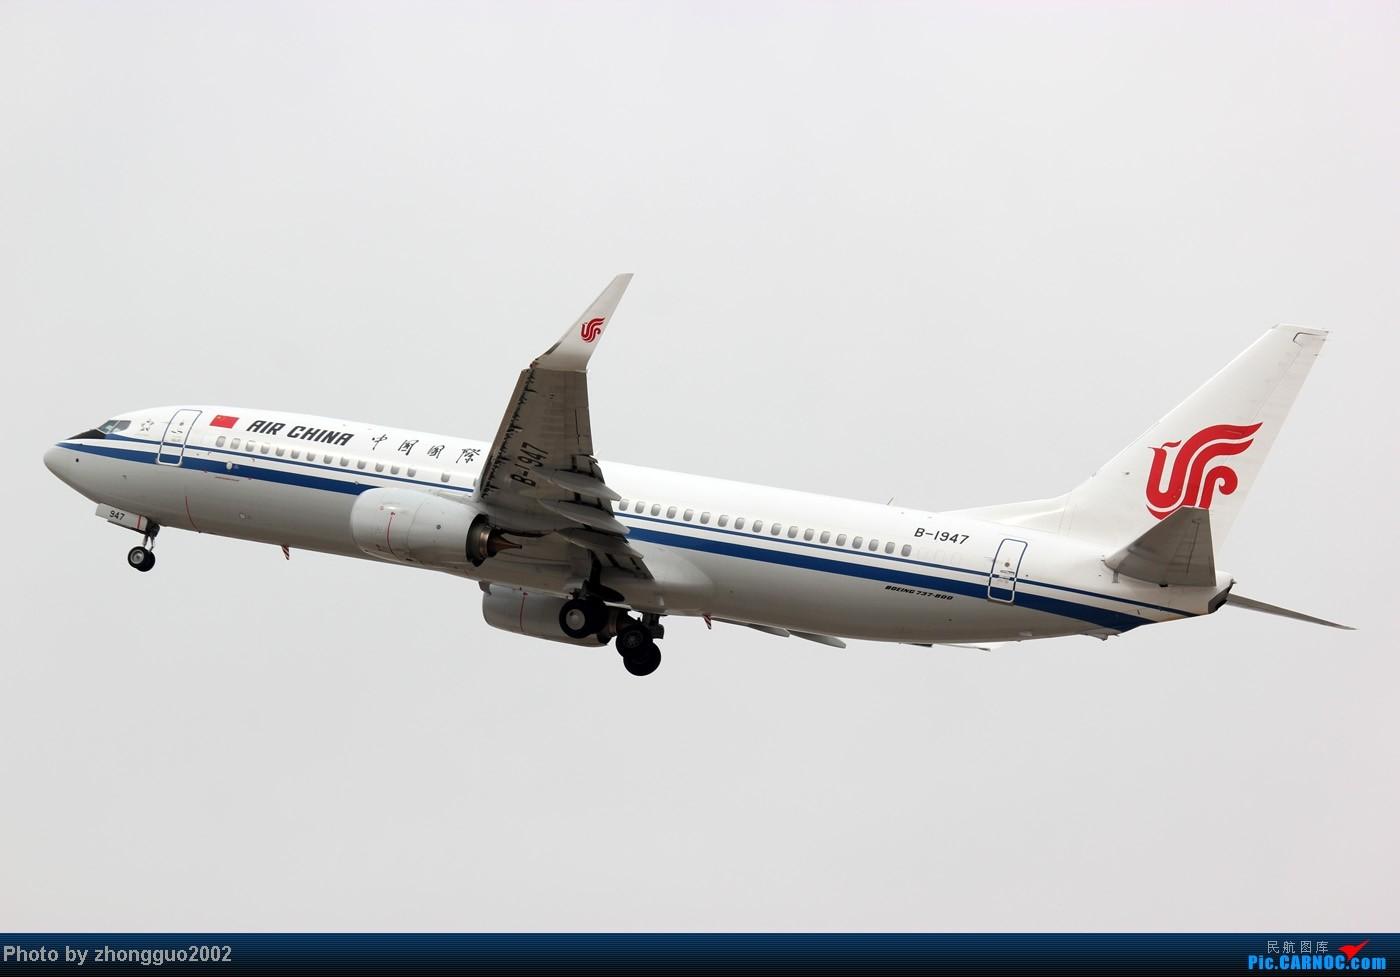 Re:[原创]长荣航空带小翼的321,东航6457小翼319,国航的新机子1947.1945,国航内蒙古号5226,新舟60,以及深圳、首都、西部等航空的飞机。 BOEING 737-800 B-1947 中国呼和浩特白塔机场